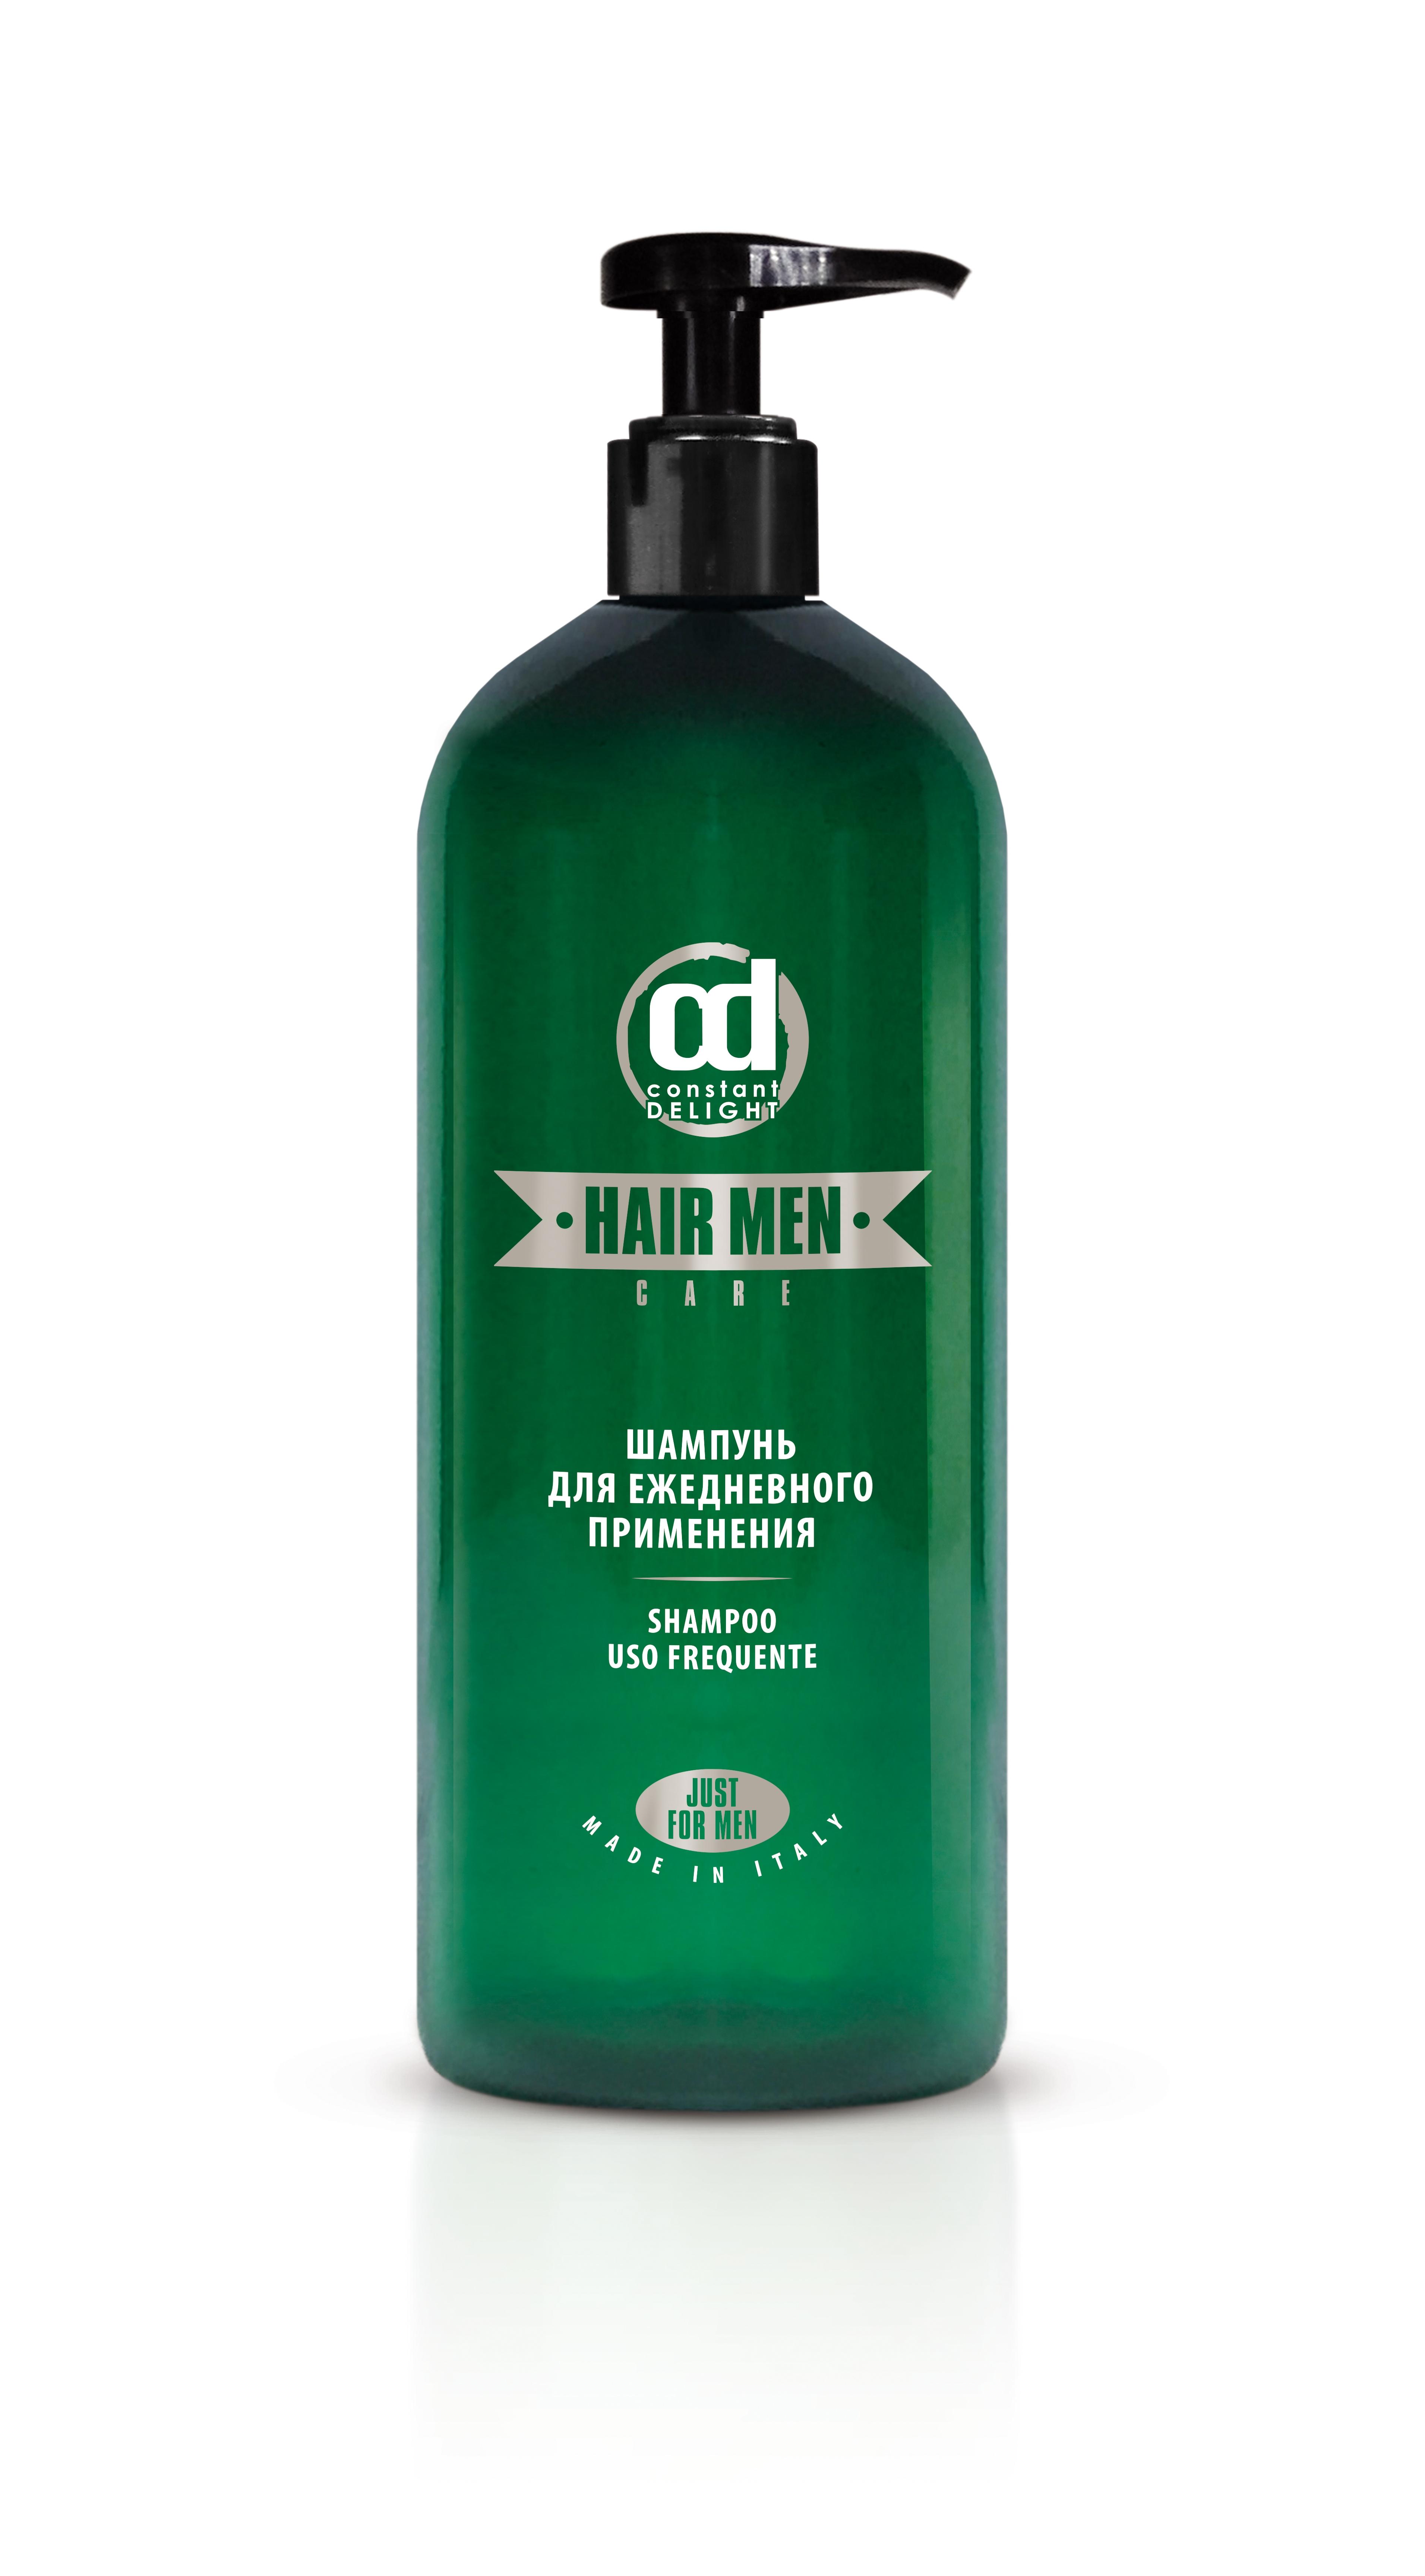 CONSTANT DELIGHT Шампунь для ежедневного применения / BARBER Hair Men 1000 мл constant delight шампунь восстанавливающий для поврежденных и окрашенных волос color care line 1000 мл